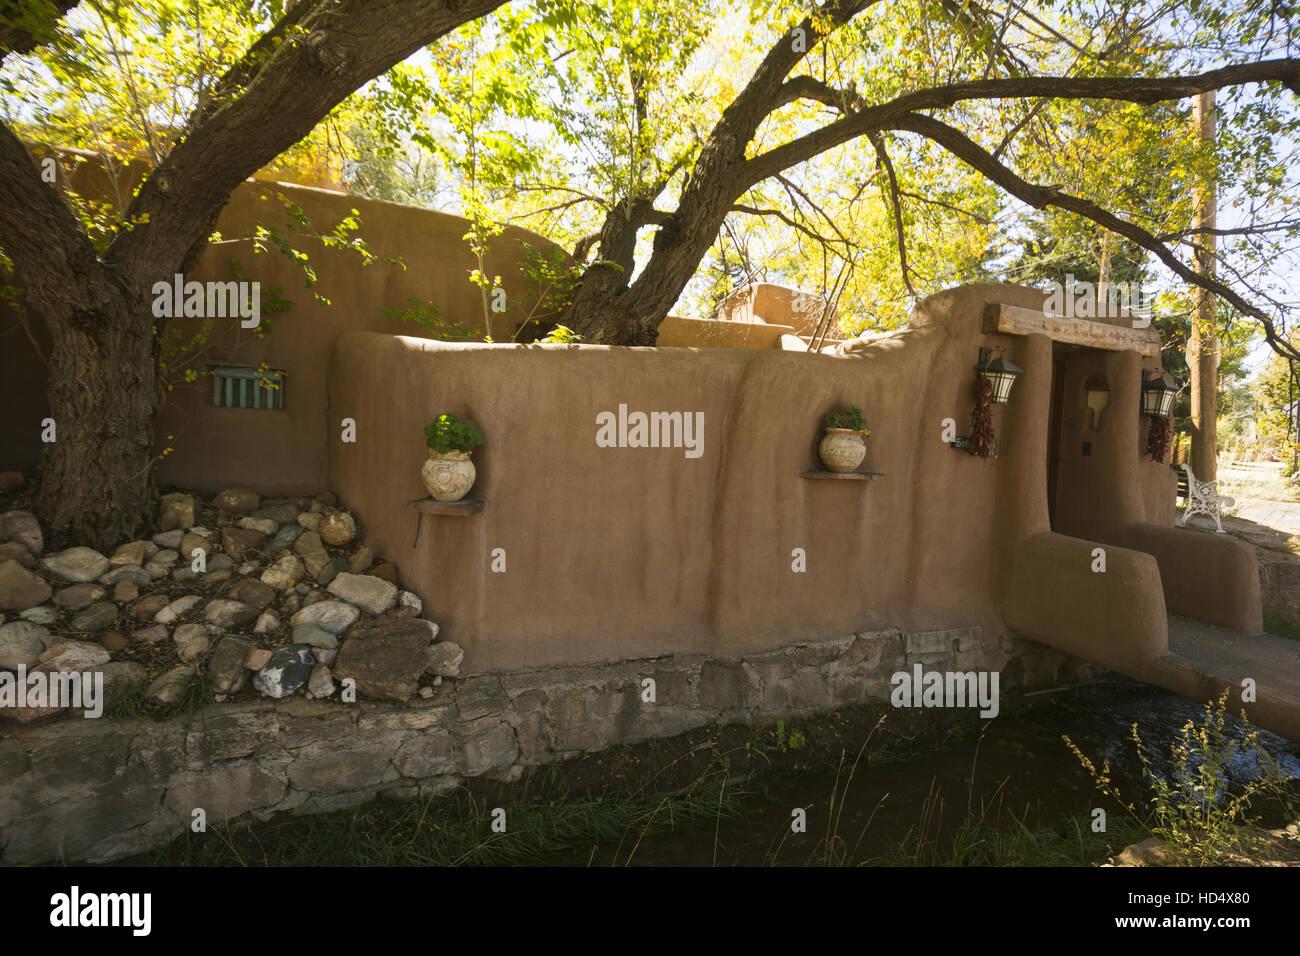 New Mexico, Santa Fe, Adobe home - Stock Image